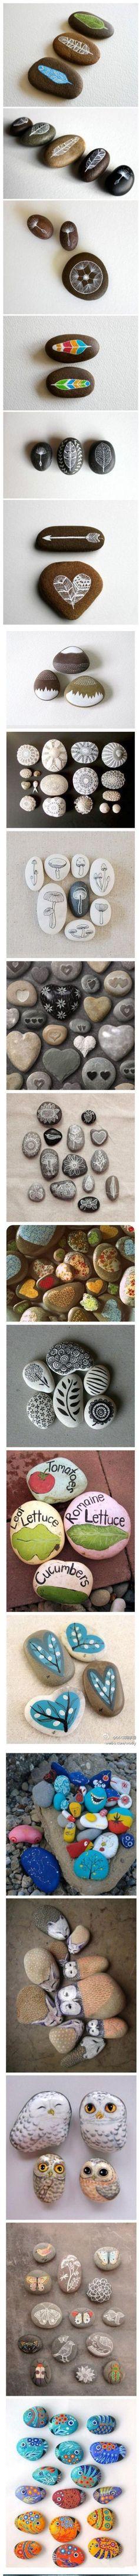 Mooie dingen met stenen/kiezels.... Door claudia.vos.10